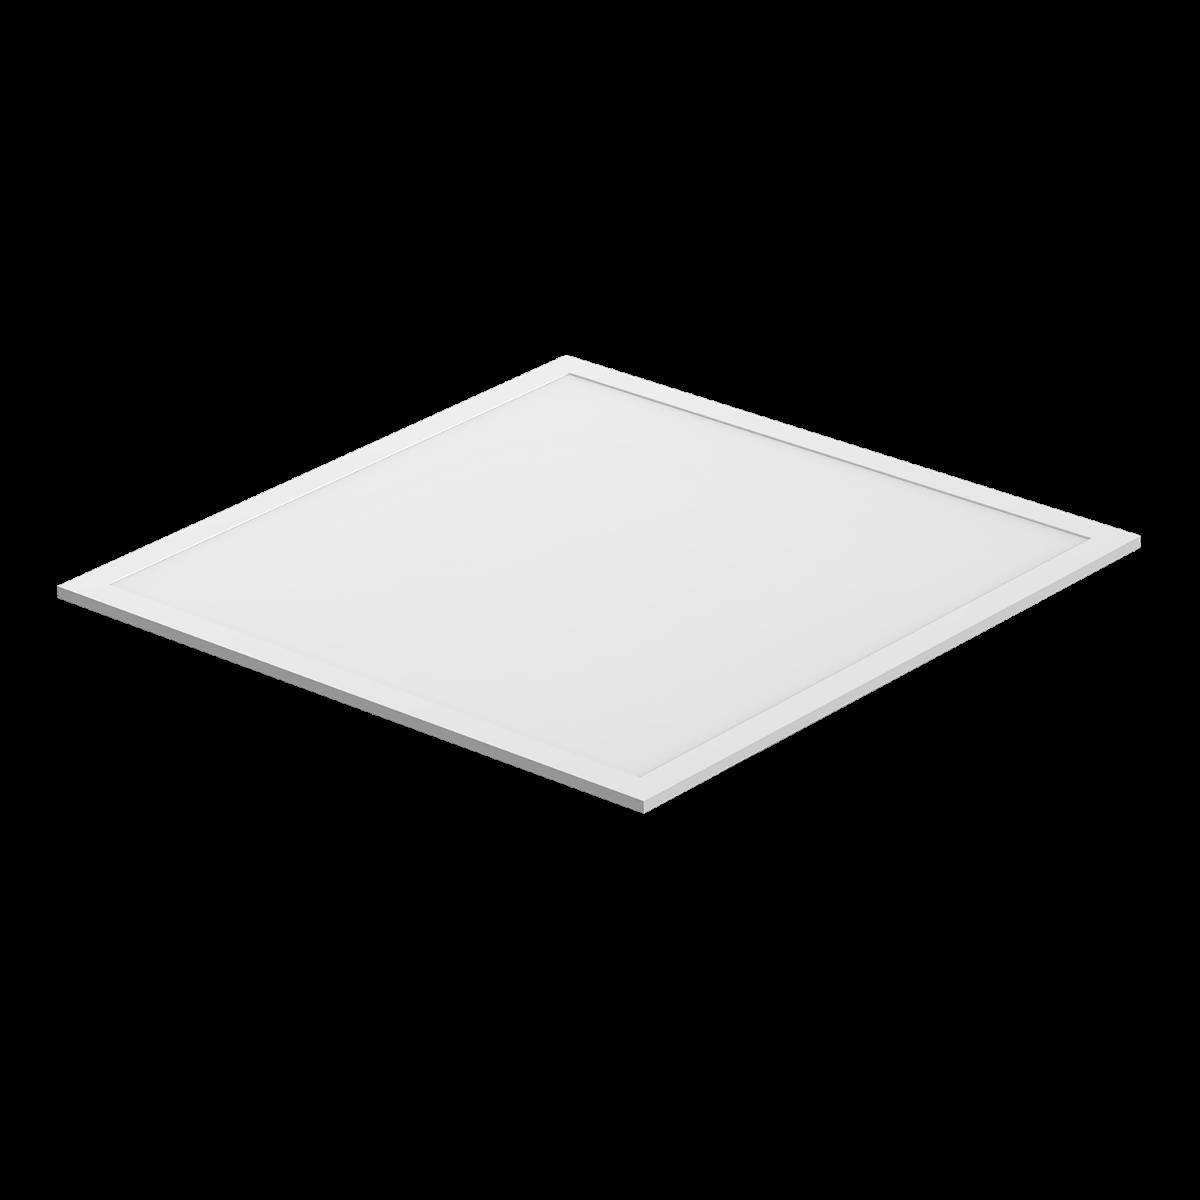 Noxion LED Panel Econox 32W 60x60cm 6500K 4400lm UGR <22 | Tageslichtweiß - Ersatz für 4x18W